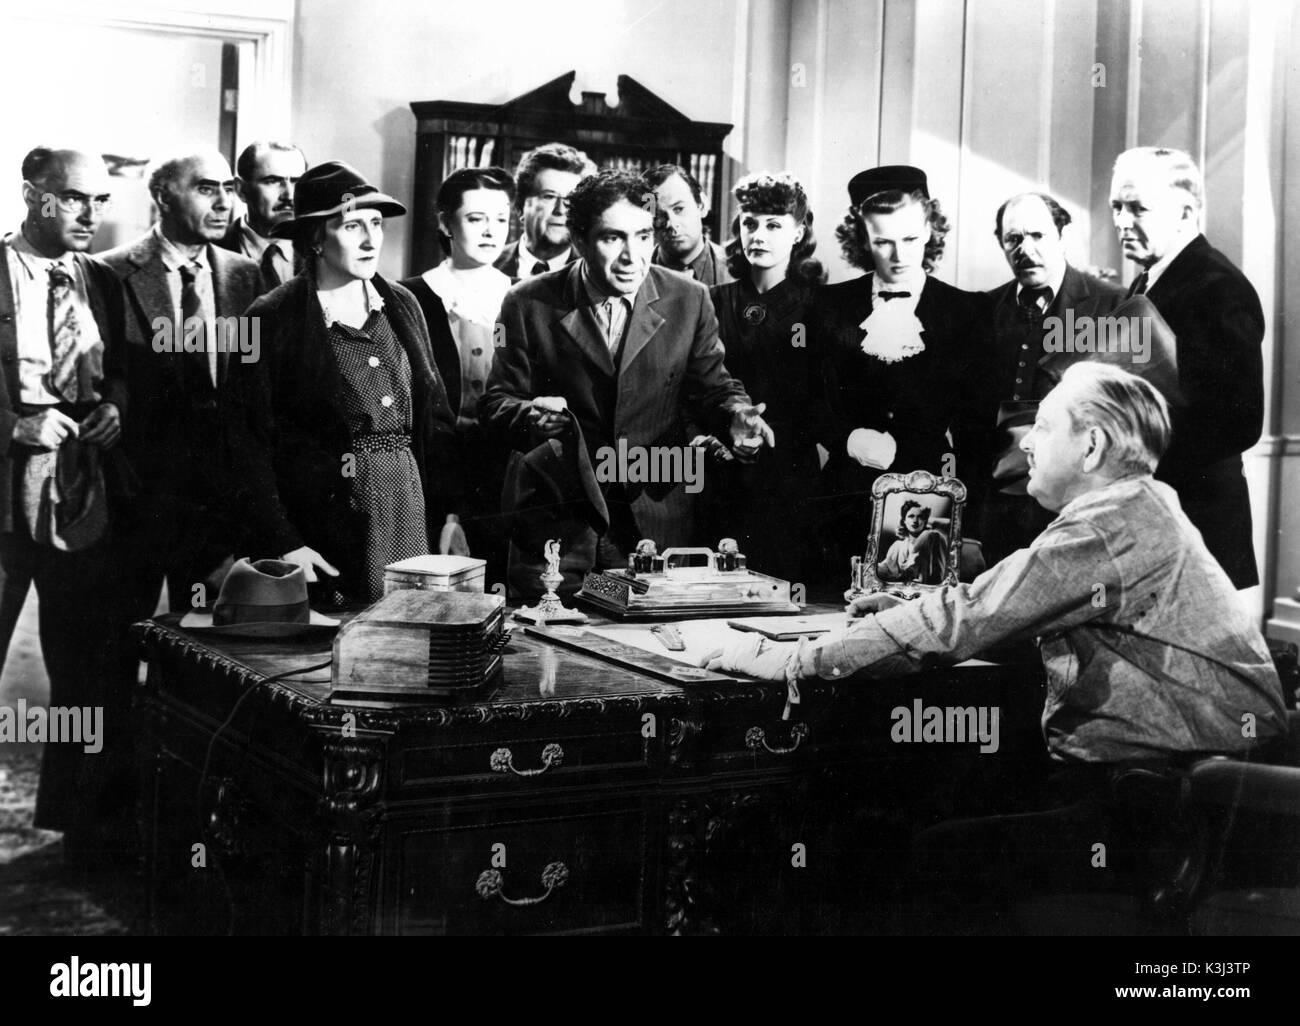 ACCENT ON LOVE MINERVA PERICAL, J. CARROL NAISH, [?], [?] OSA MASSEN, THURSTON HALL [seated] Stock Photo